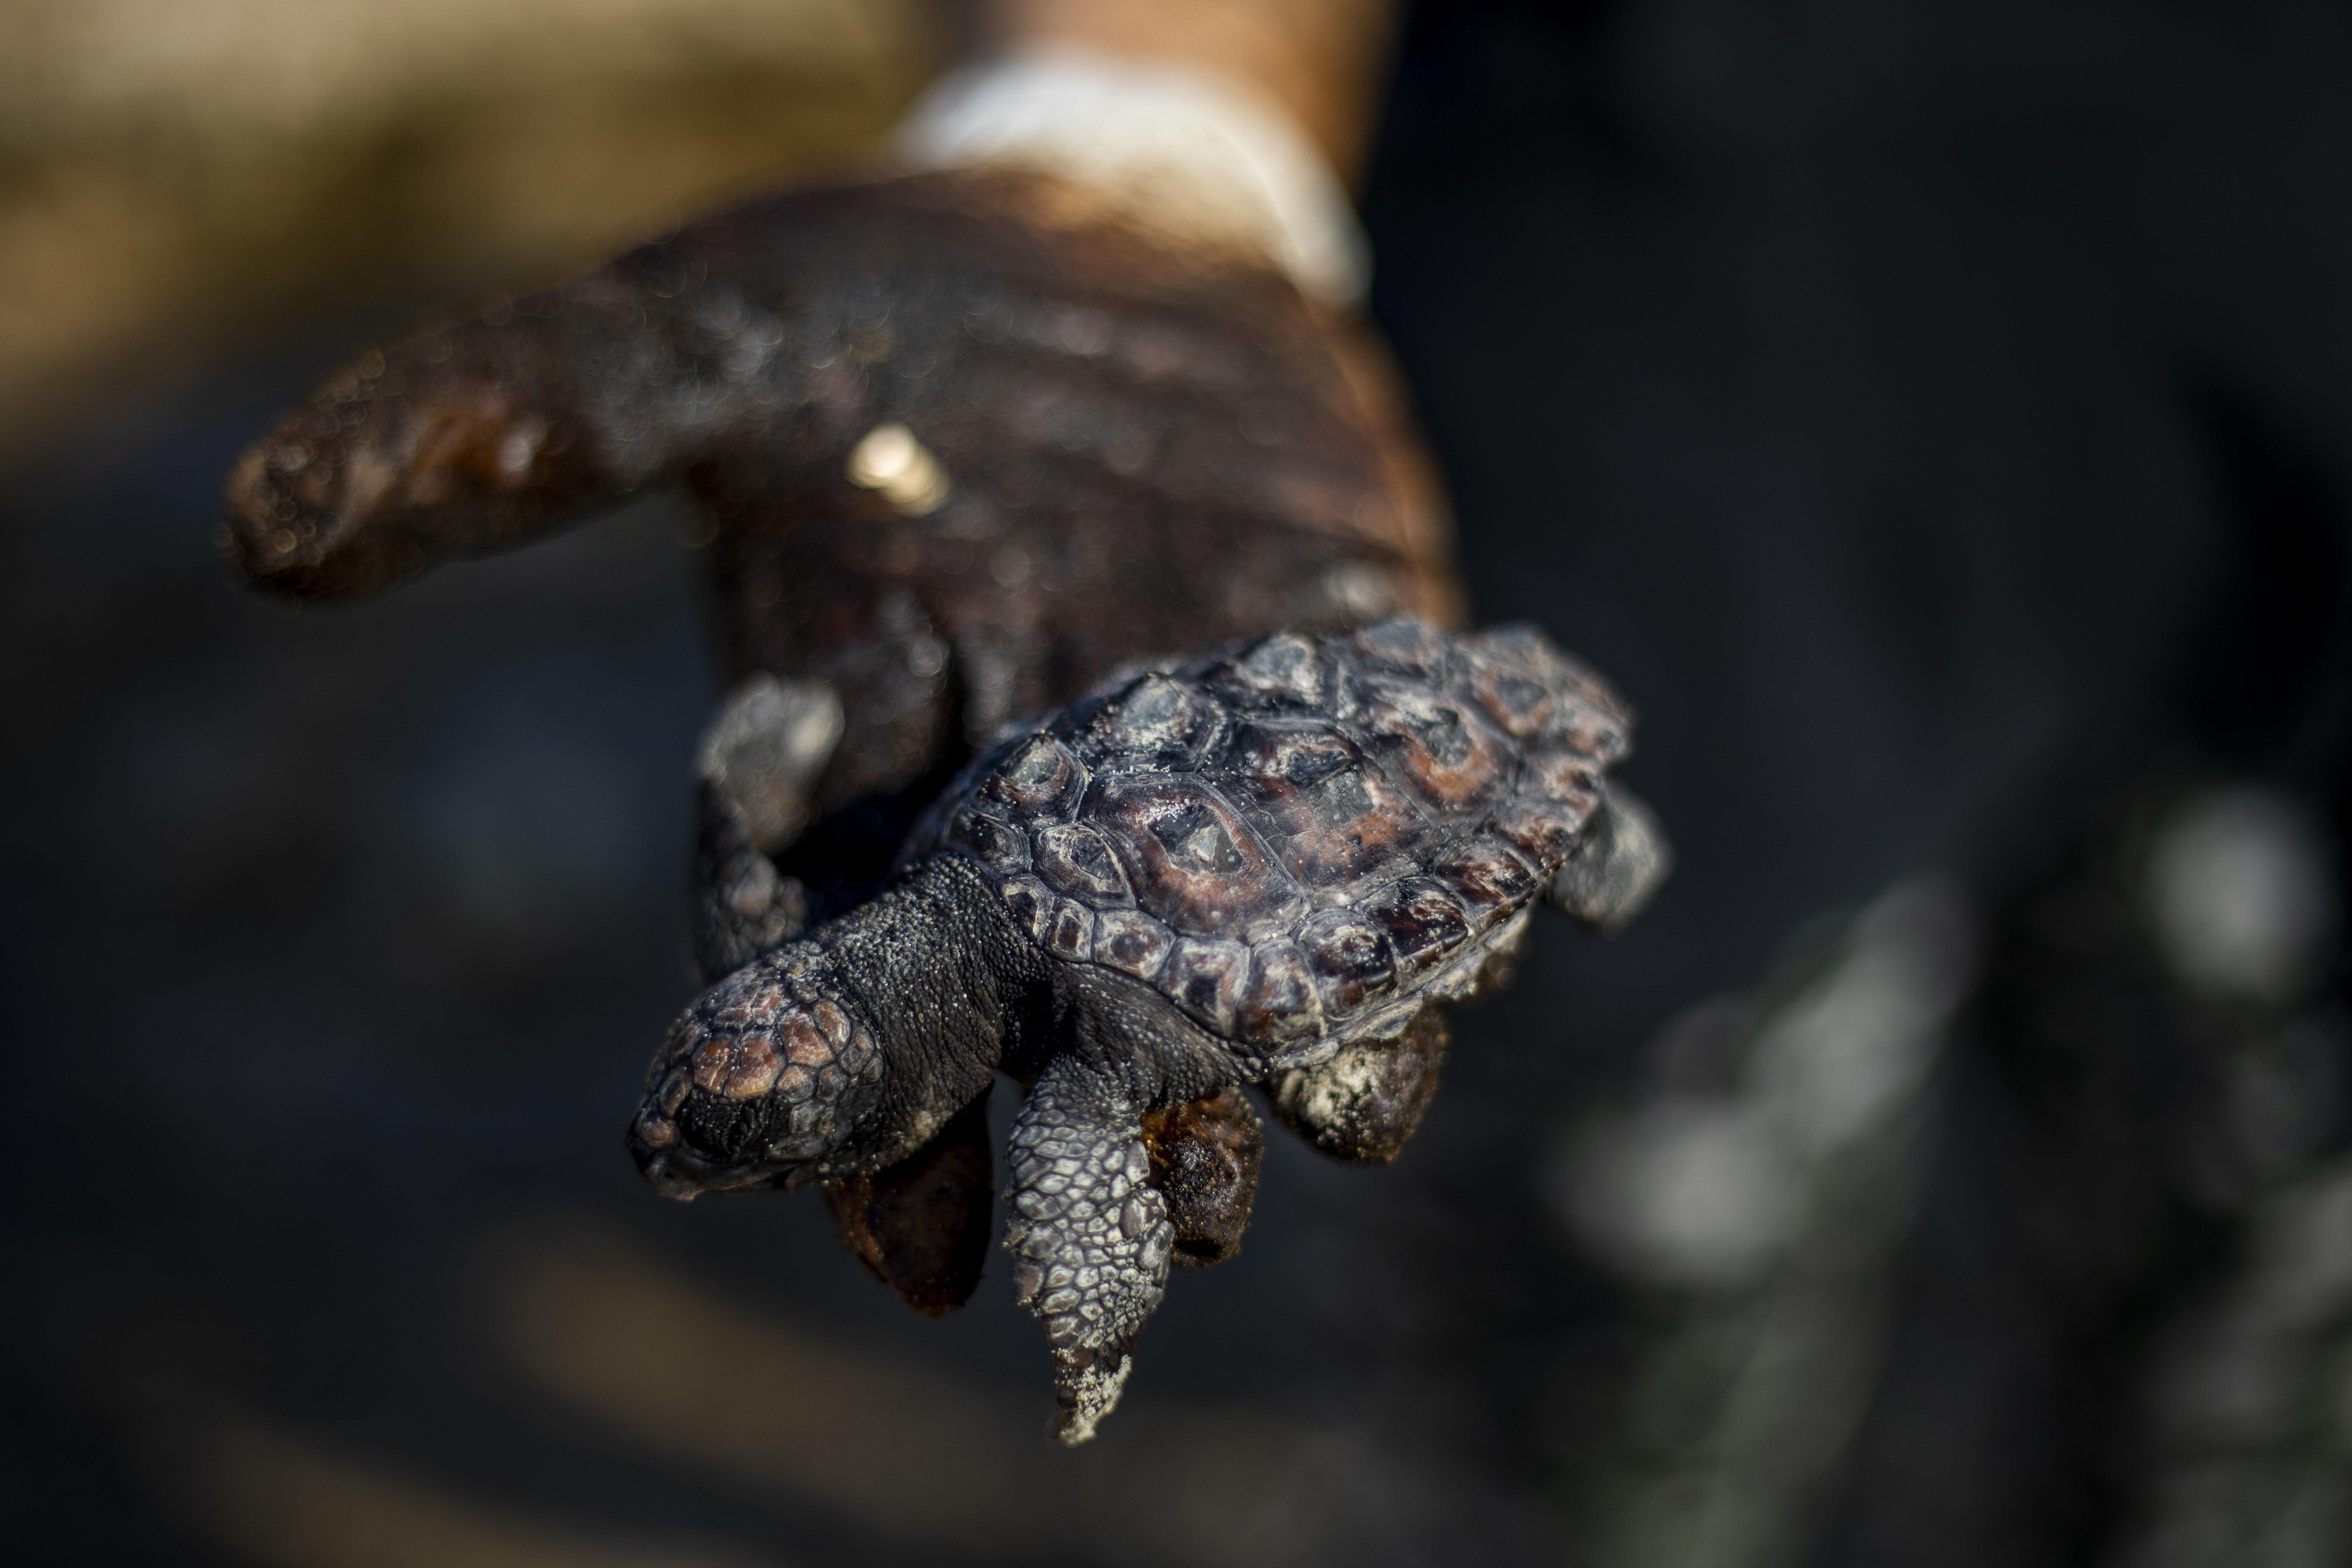 Megdöbbentő képeken az izraeli olajszennyezés